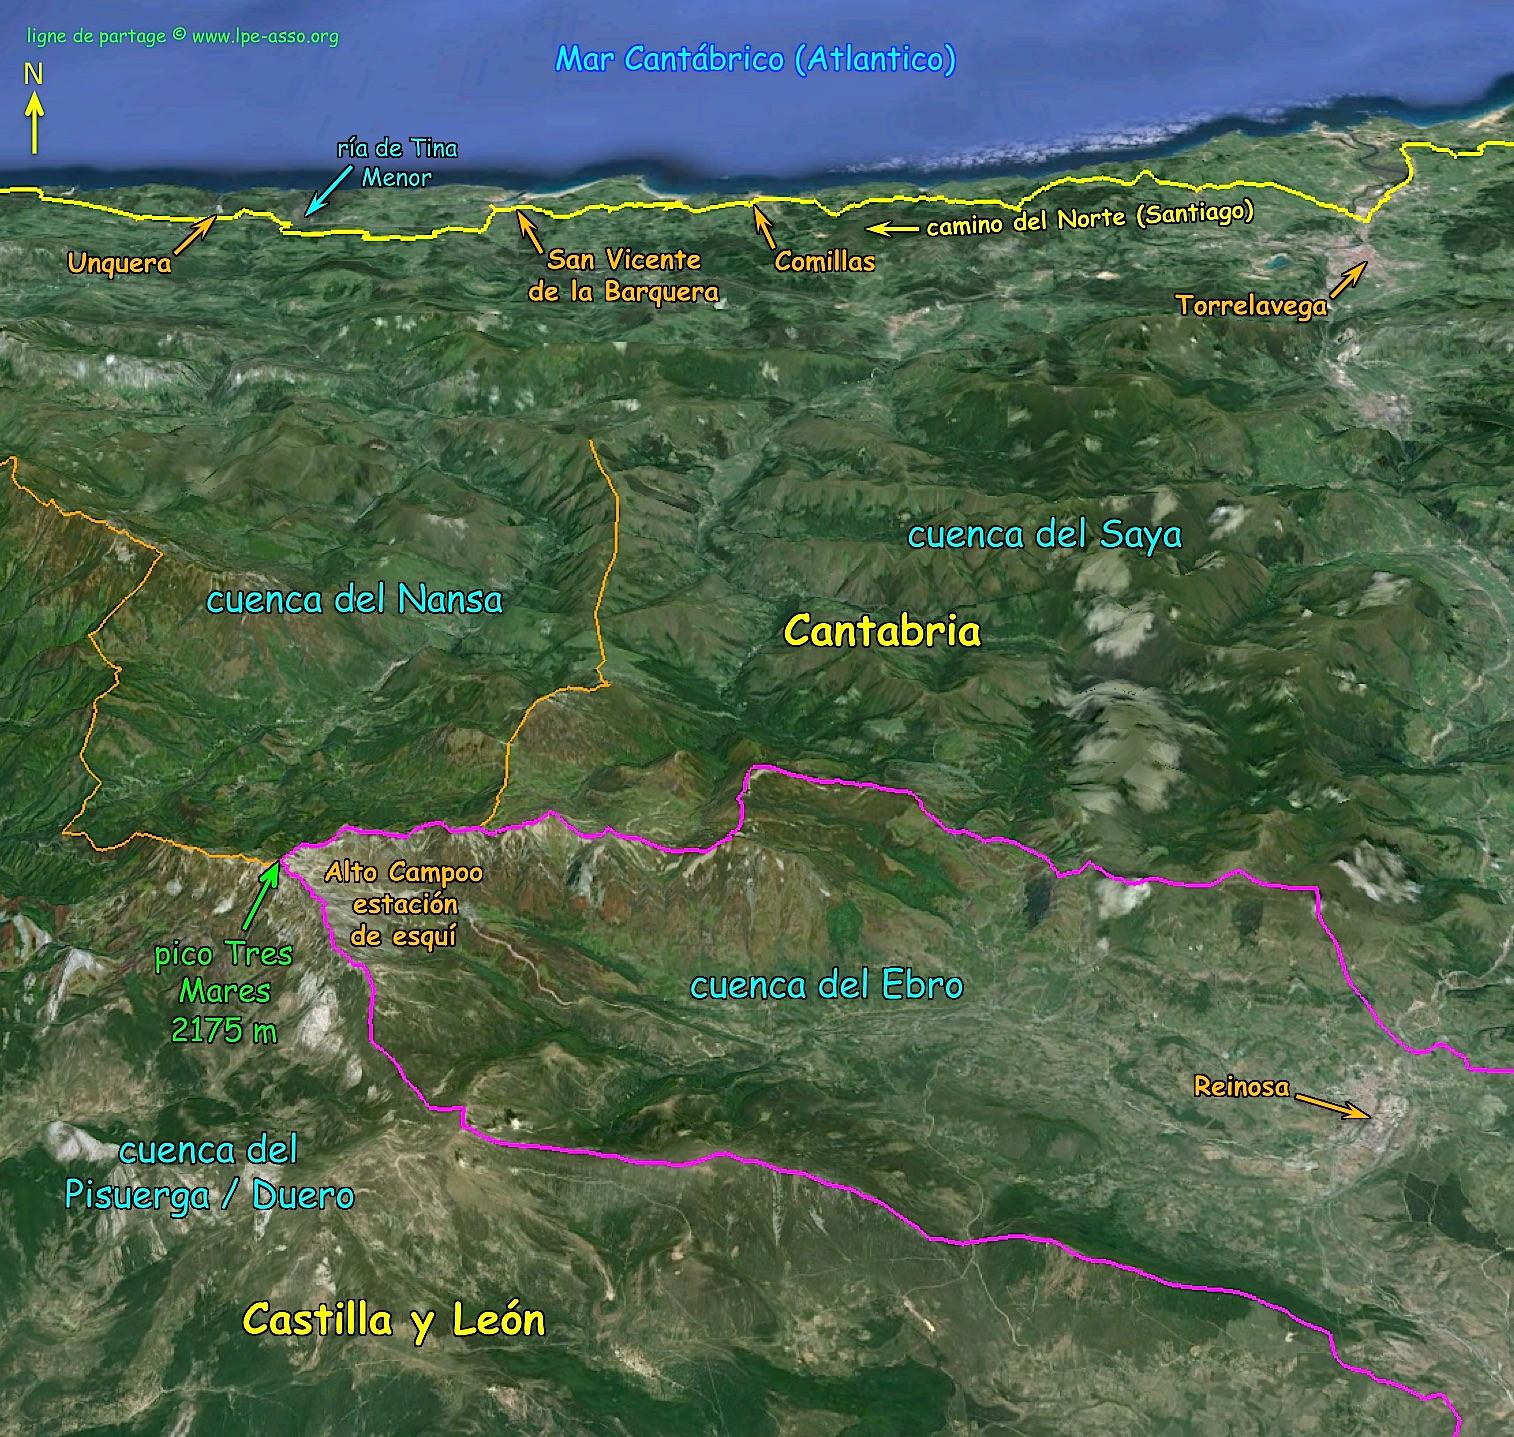 Le pico Tres Mares, bel exemple de toponymie inspirée par la ligne A/M